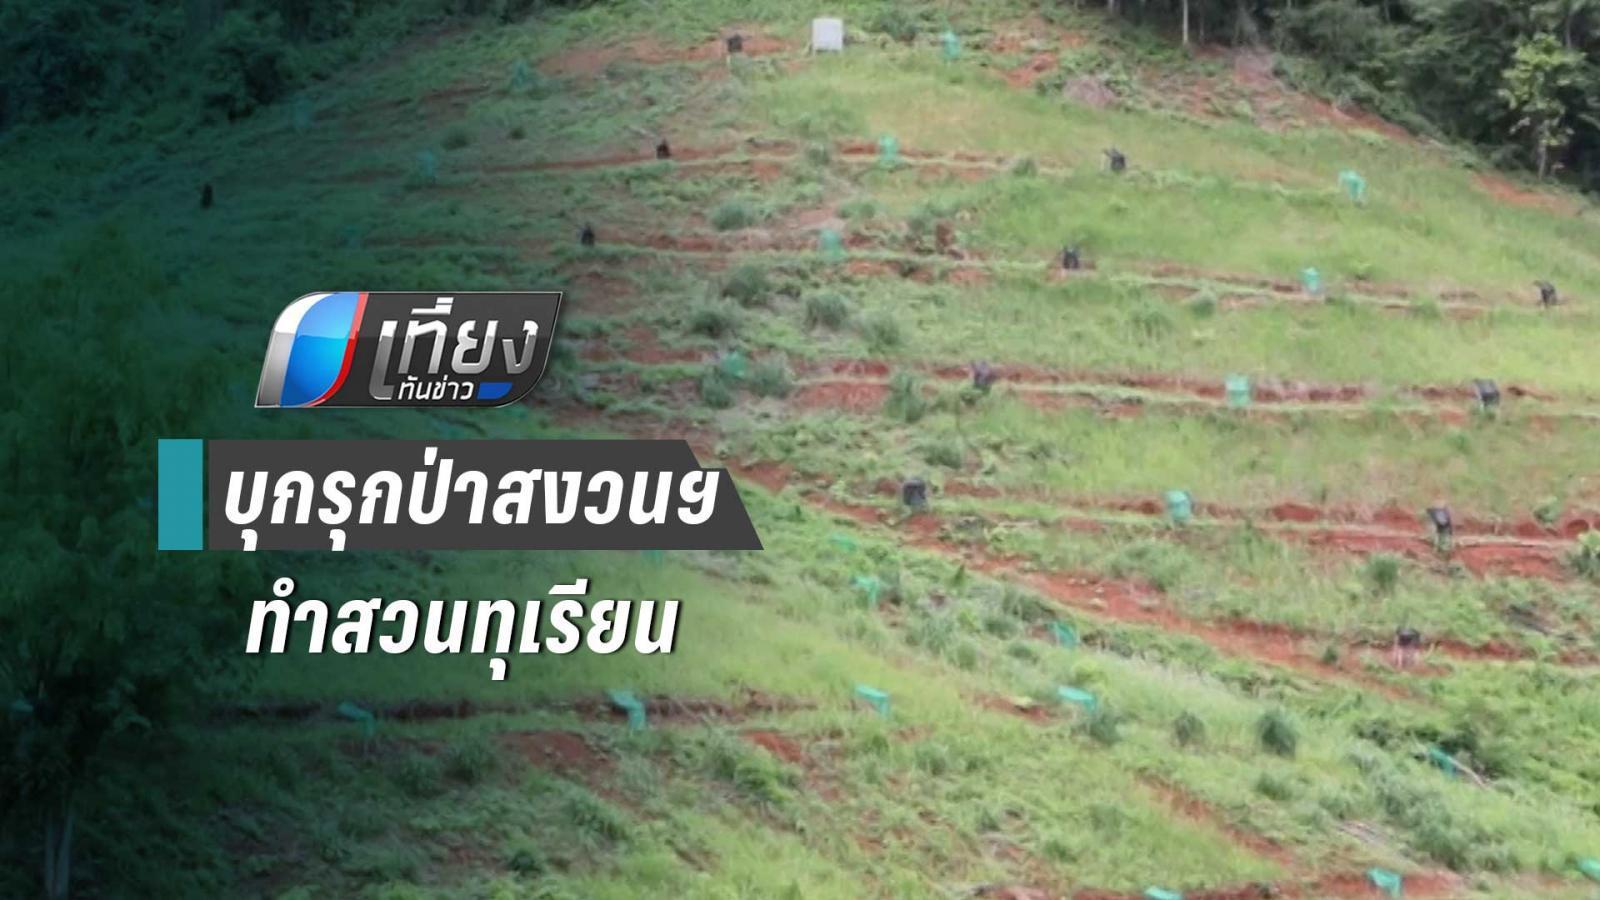 กรมป่าไม้ จับนายทุนบุกรุกป่าสงวนแห่งชาติ จ.เพชรบูรณ์ ทำสวนทุเรียน